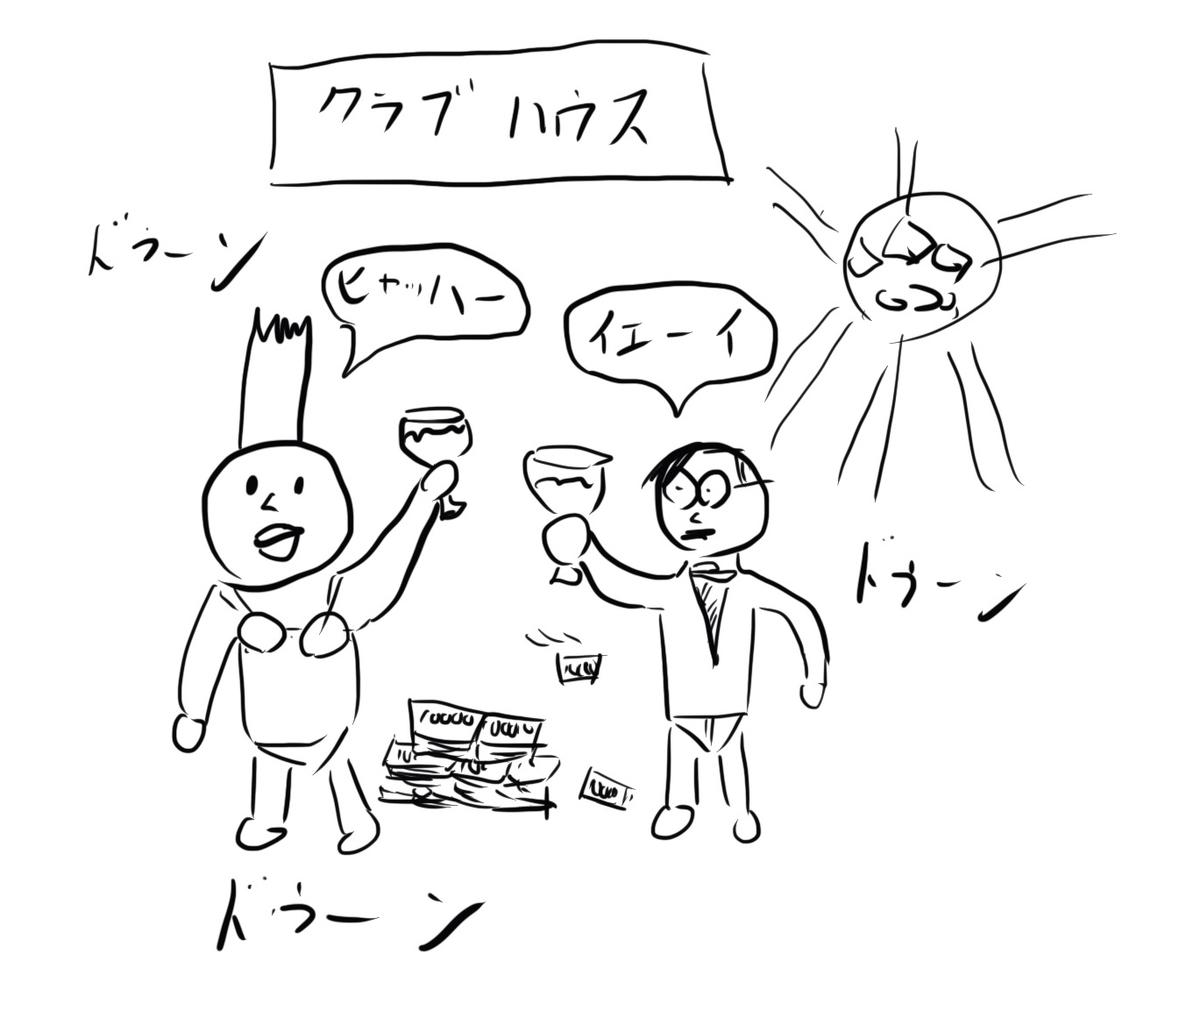 f:id:karaage:20210201120657j:plain:w640